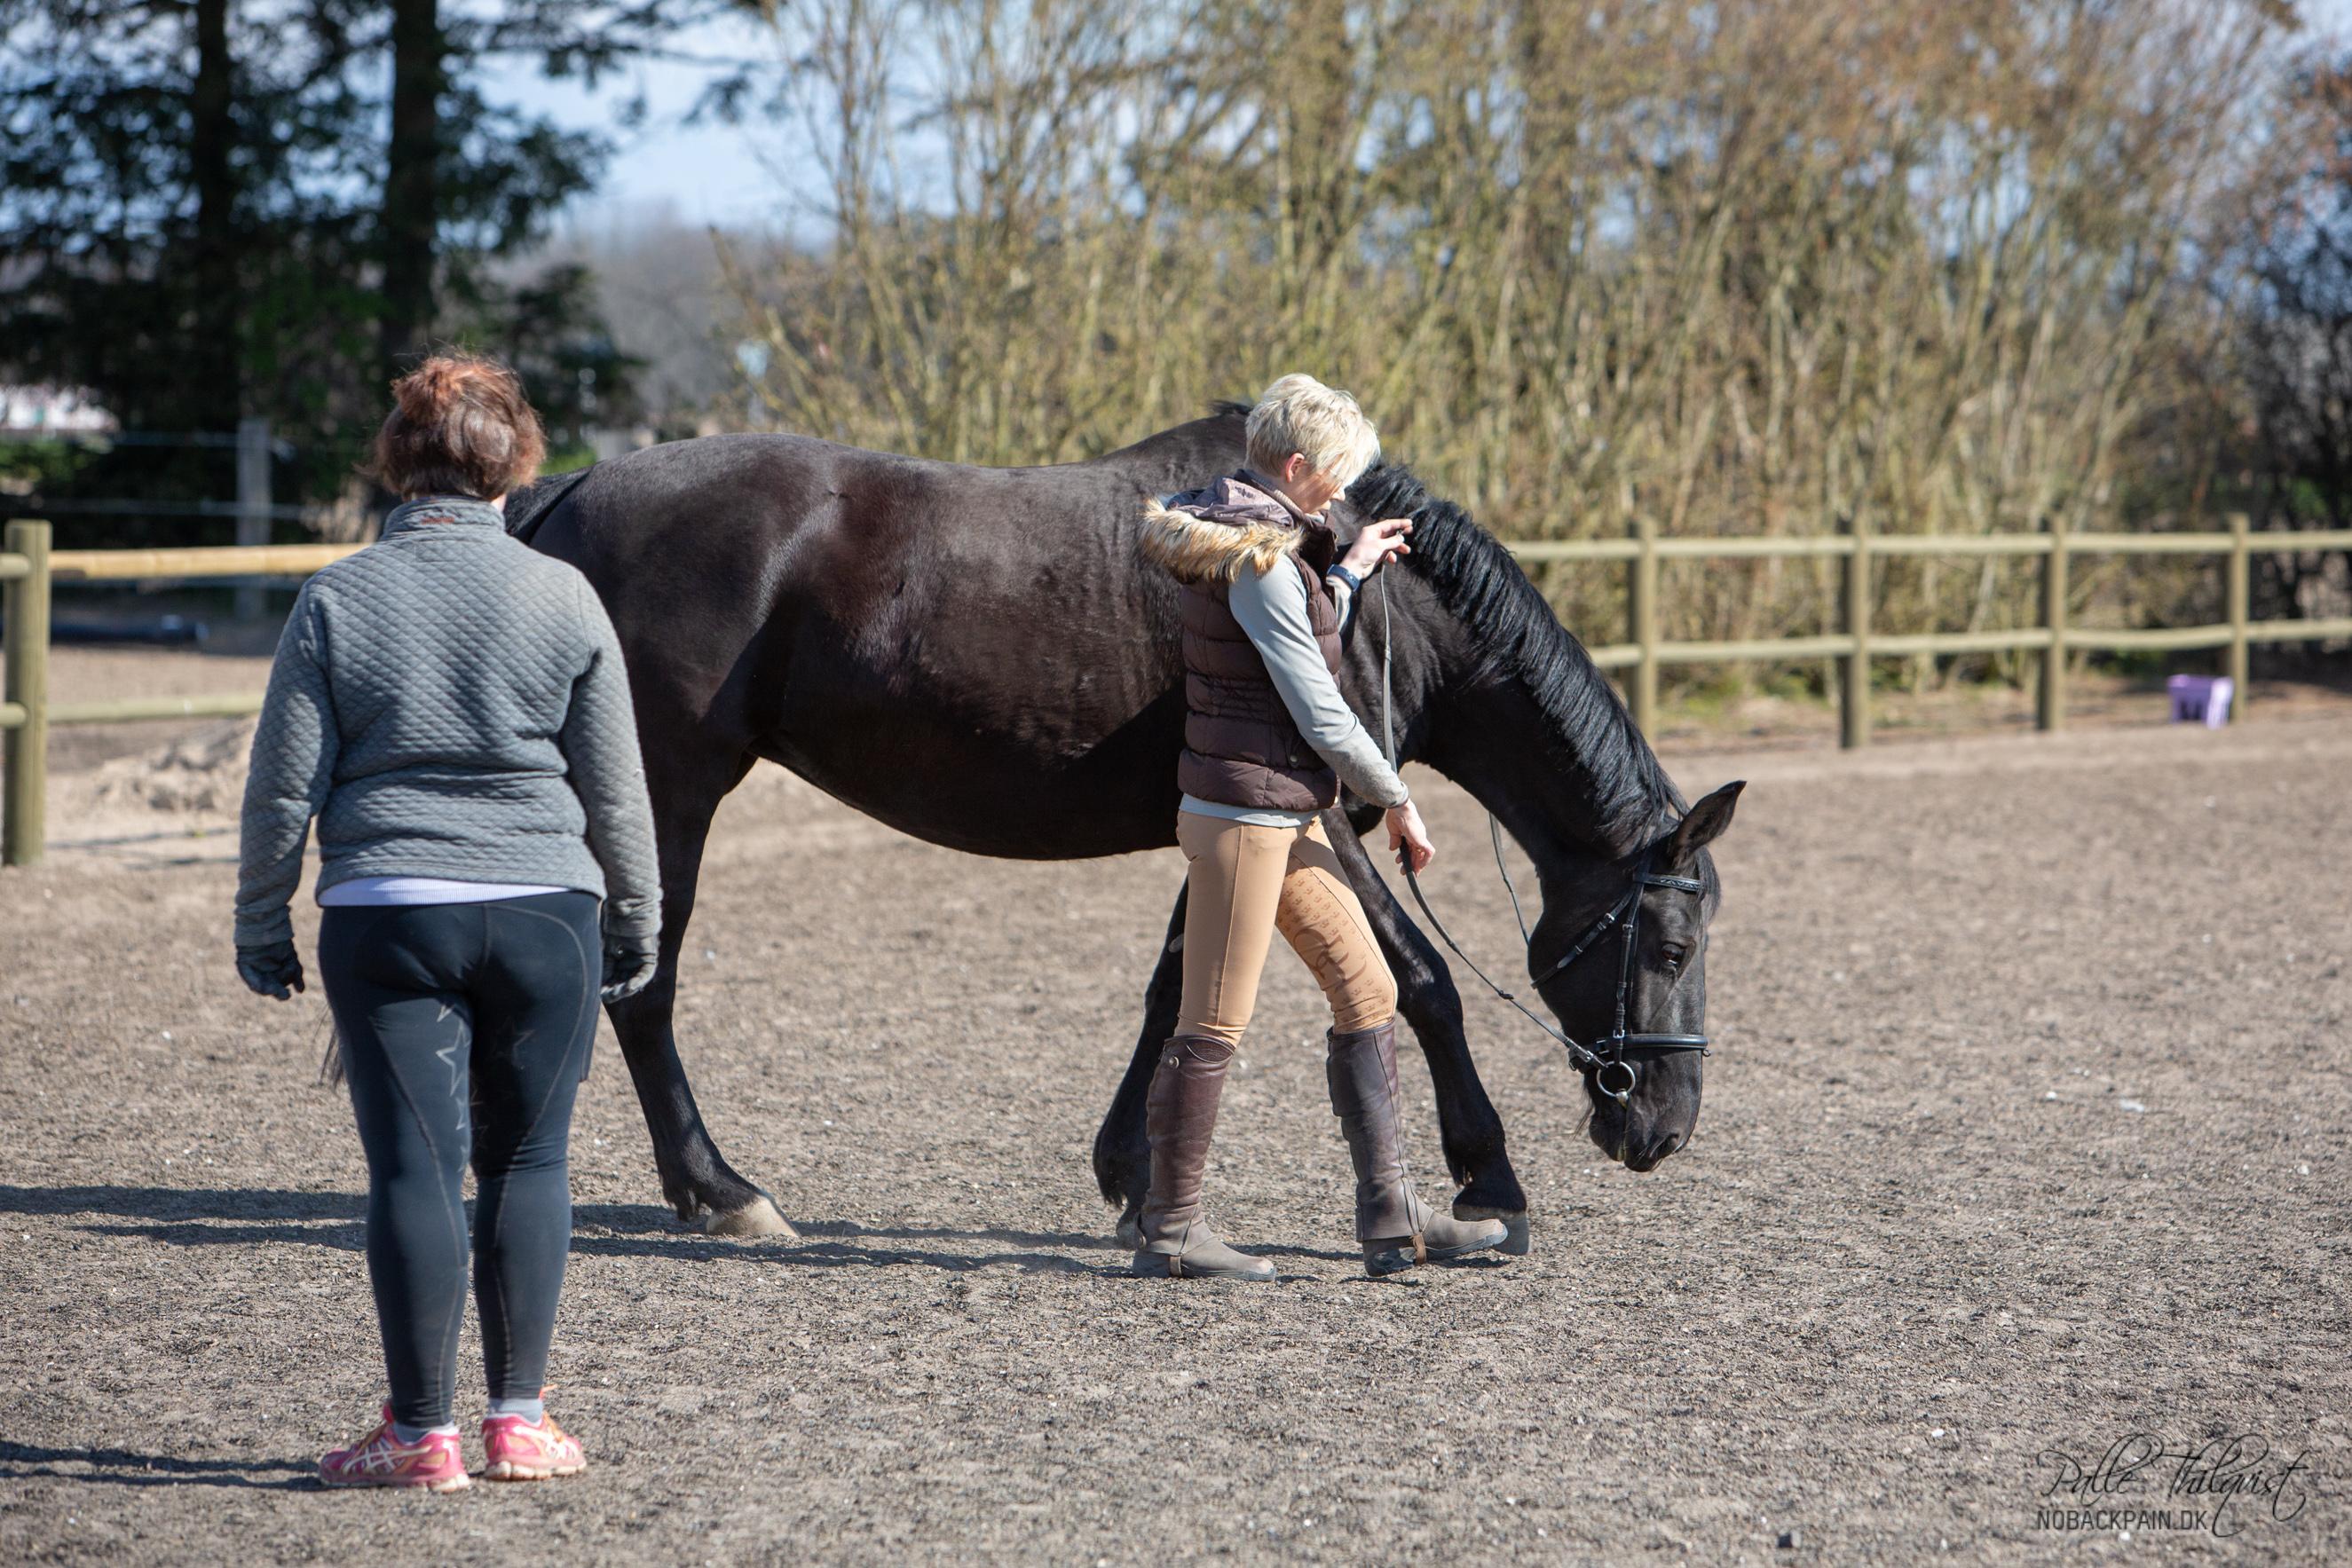 Sally er 9 år og har ikke været trænet særligt meget i sit liv. Der er ingen unaturlige fordybning i hendes overlinje, men hun mangler muskulatur. Man kan se at hele ryggen hænger en smule. Hvis man begynder at ride hende inden hun har lært at arbejde med ryggen oppe og inden hun har fået lidt mere muskulatur, så vil hun sænke ryggen endnu mere. Dette er ikke en hest der vil tage lang tid at bygge op, for der er ingen direkte problemer med hendes overlinje. Hun er bare ikke trænet og styrket endnu.